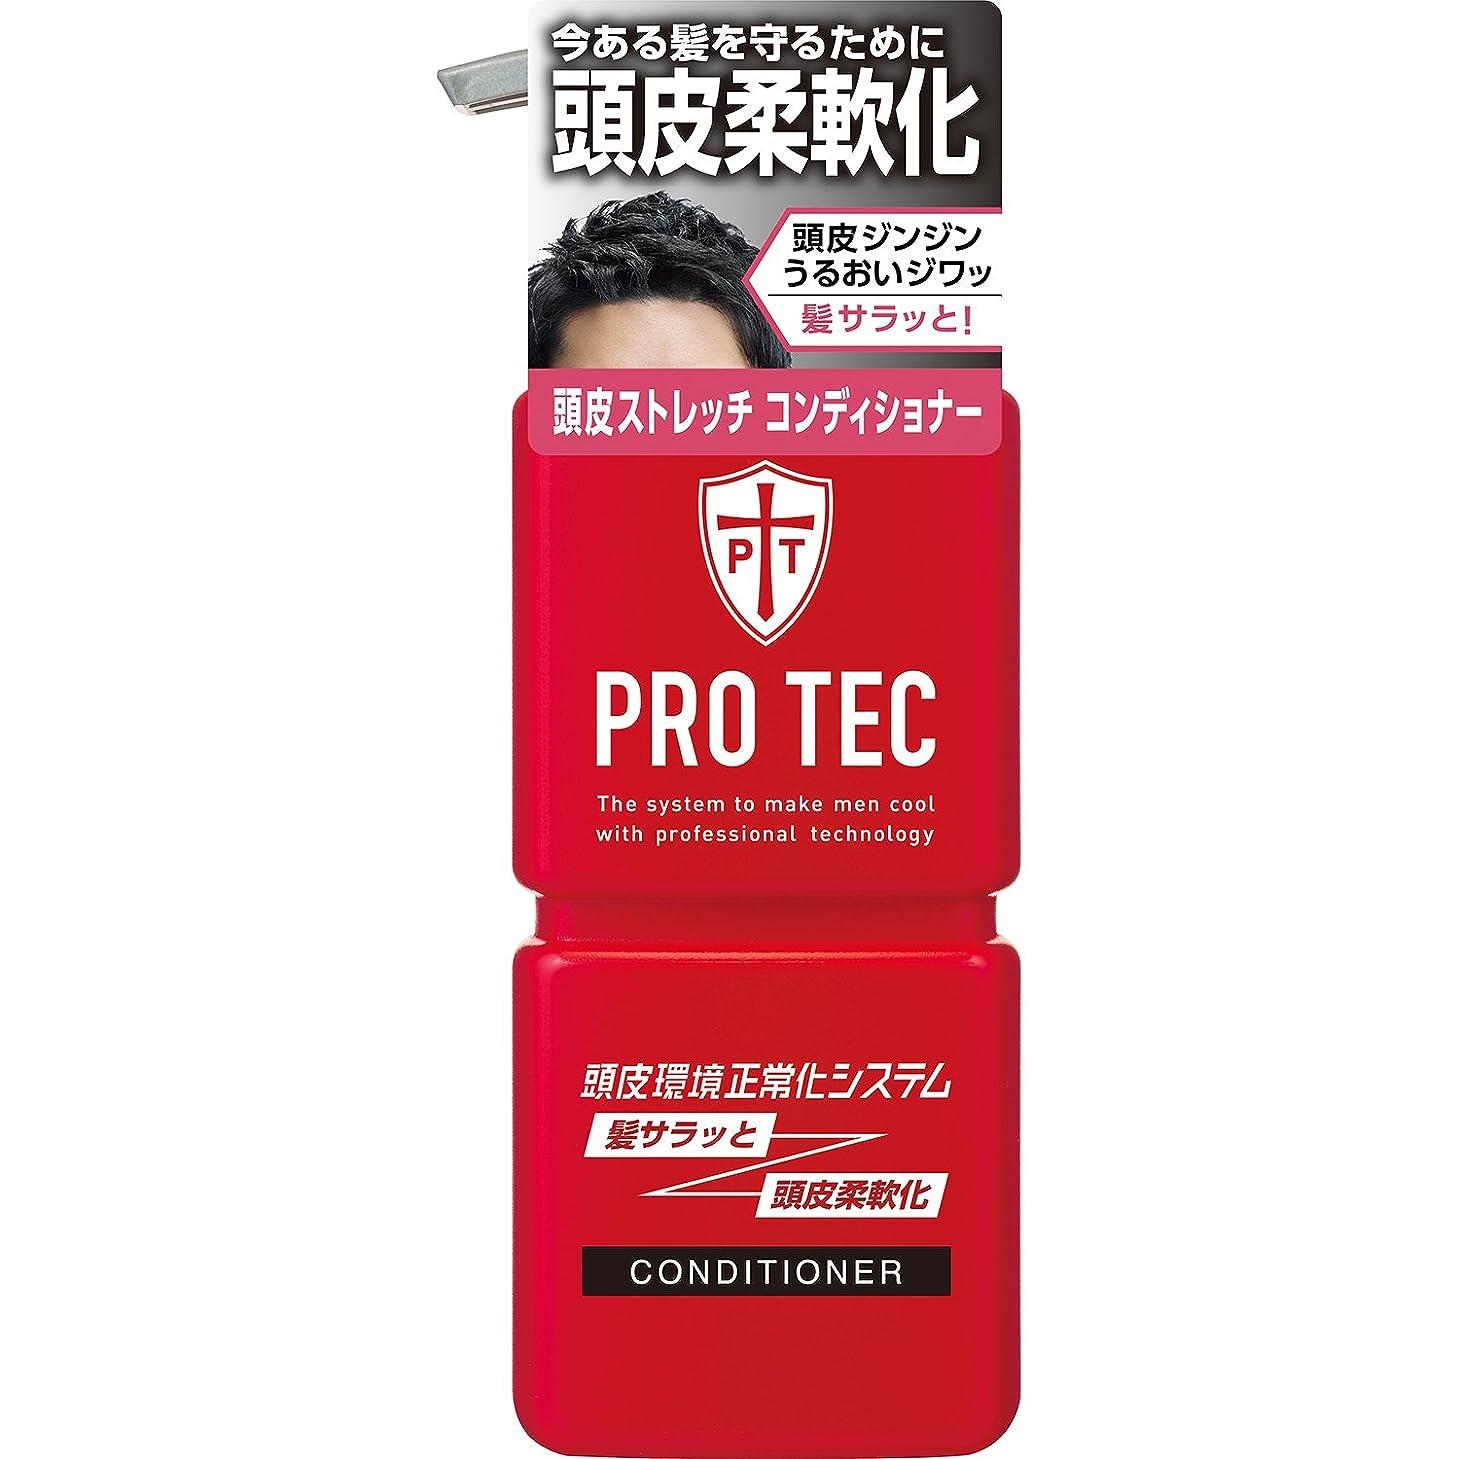 金額見習い案件PRO TEC(プロテク) 頭皮ストレッチ コンディショナー 本体ポンプ 300g